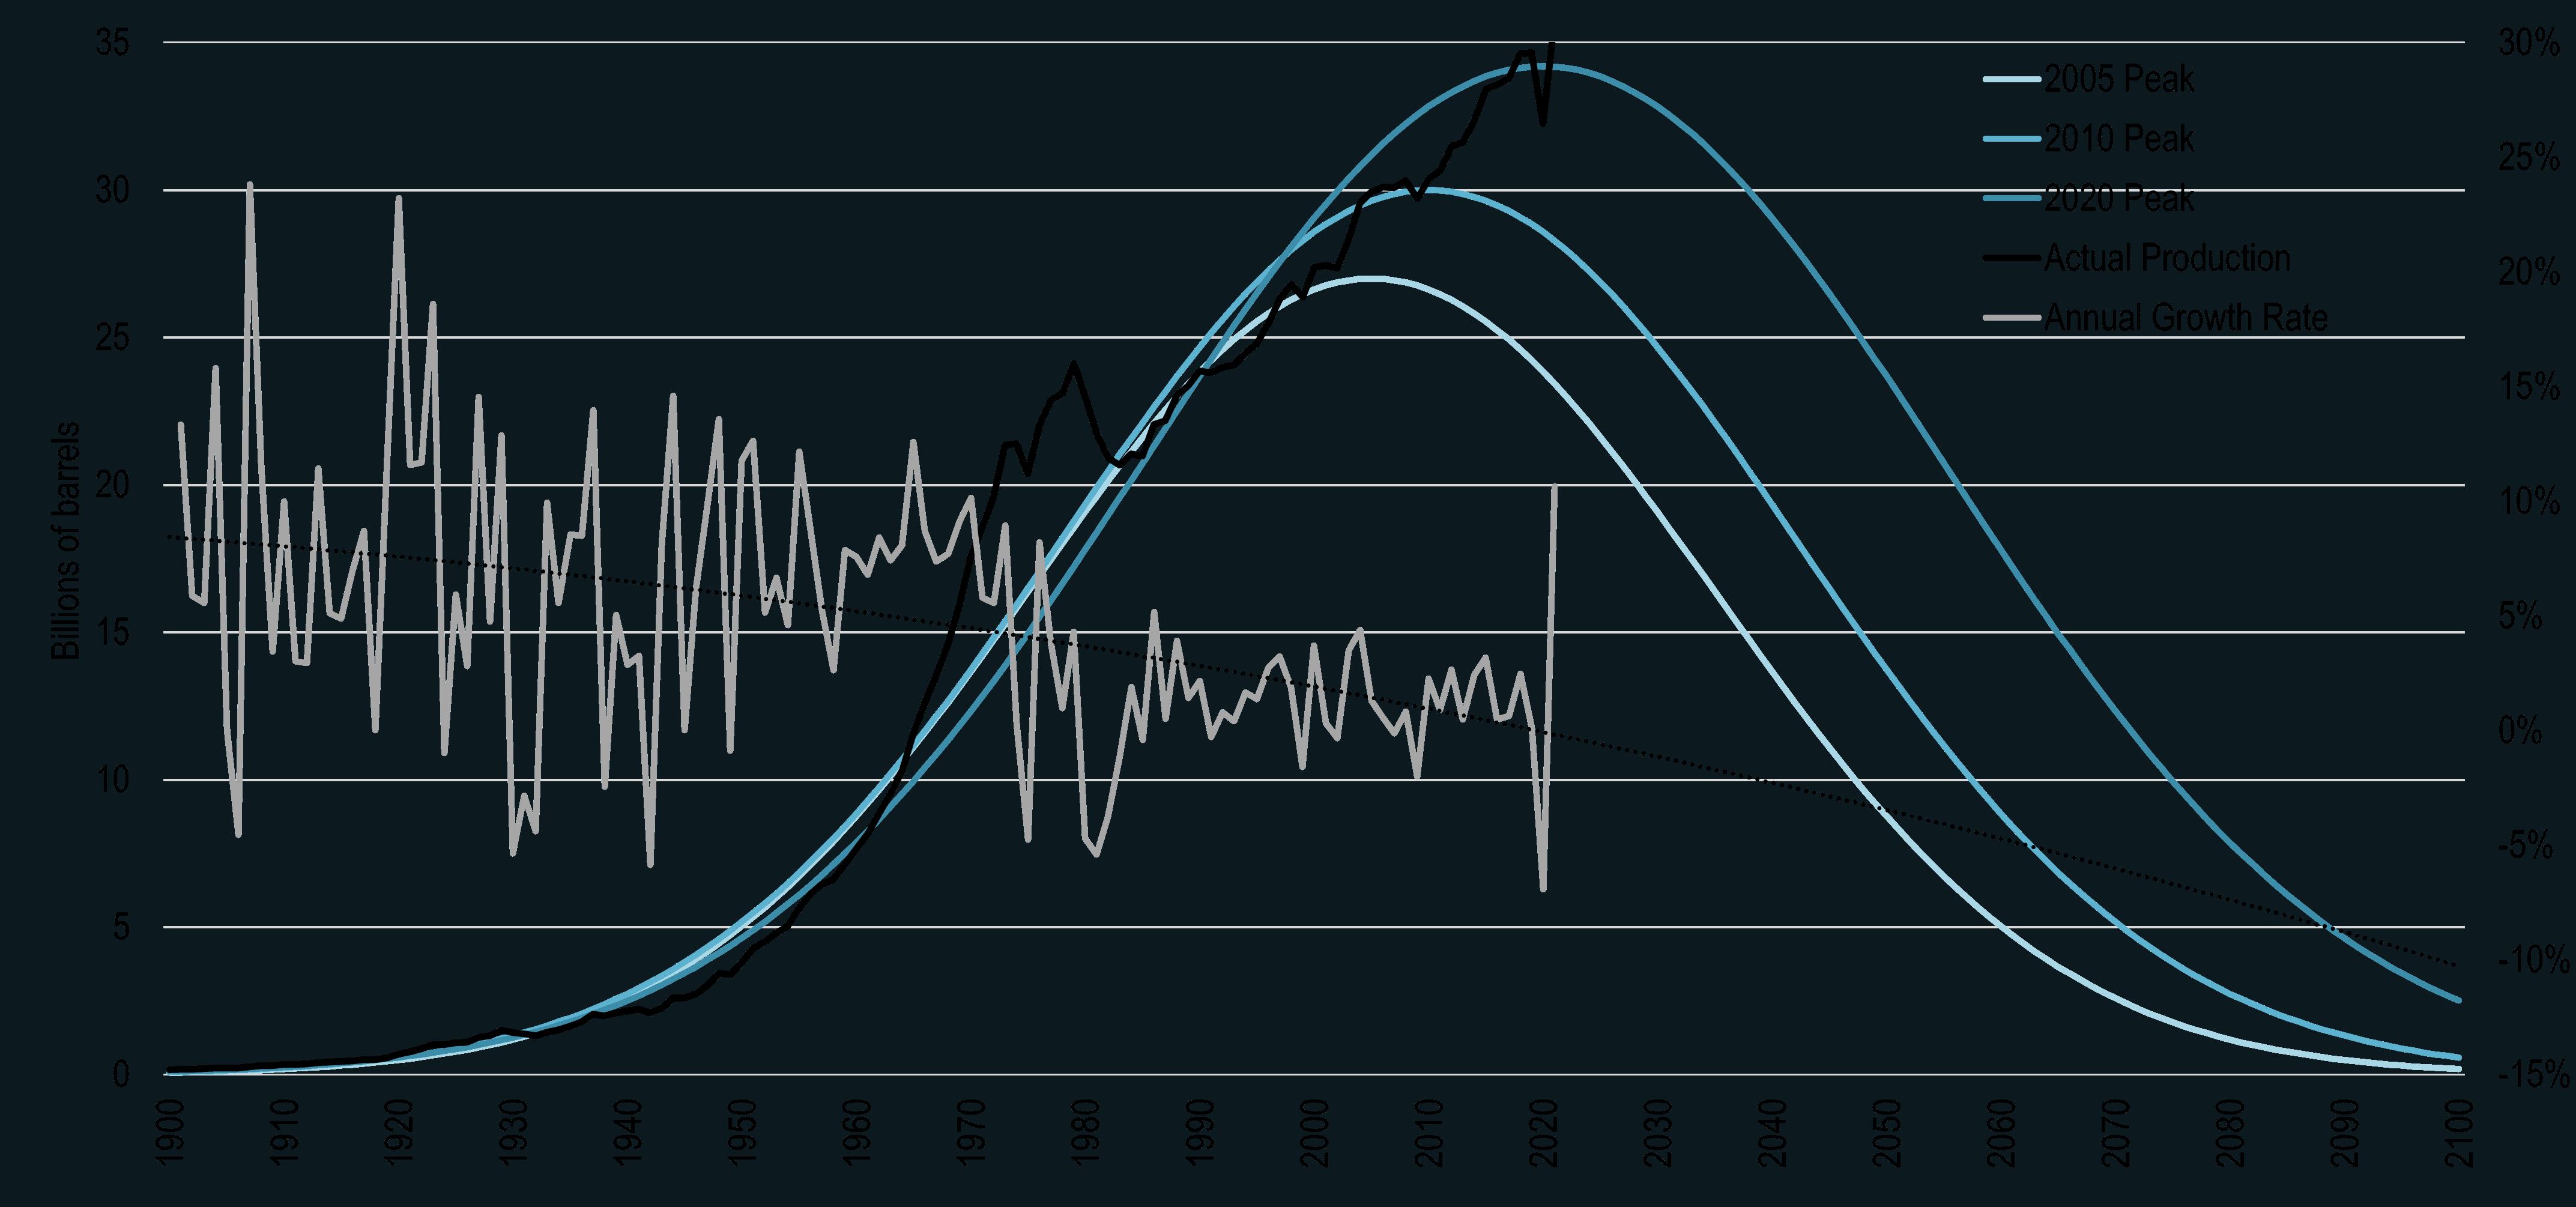 Energía. Producción, distribución. Cénit del petróleo, peak oil, fuentes, contradicciones, consecuencias. - Página 17 Peak_oil